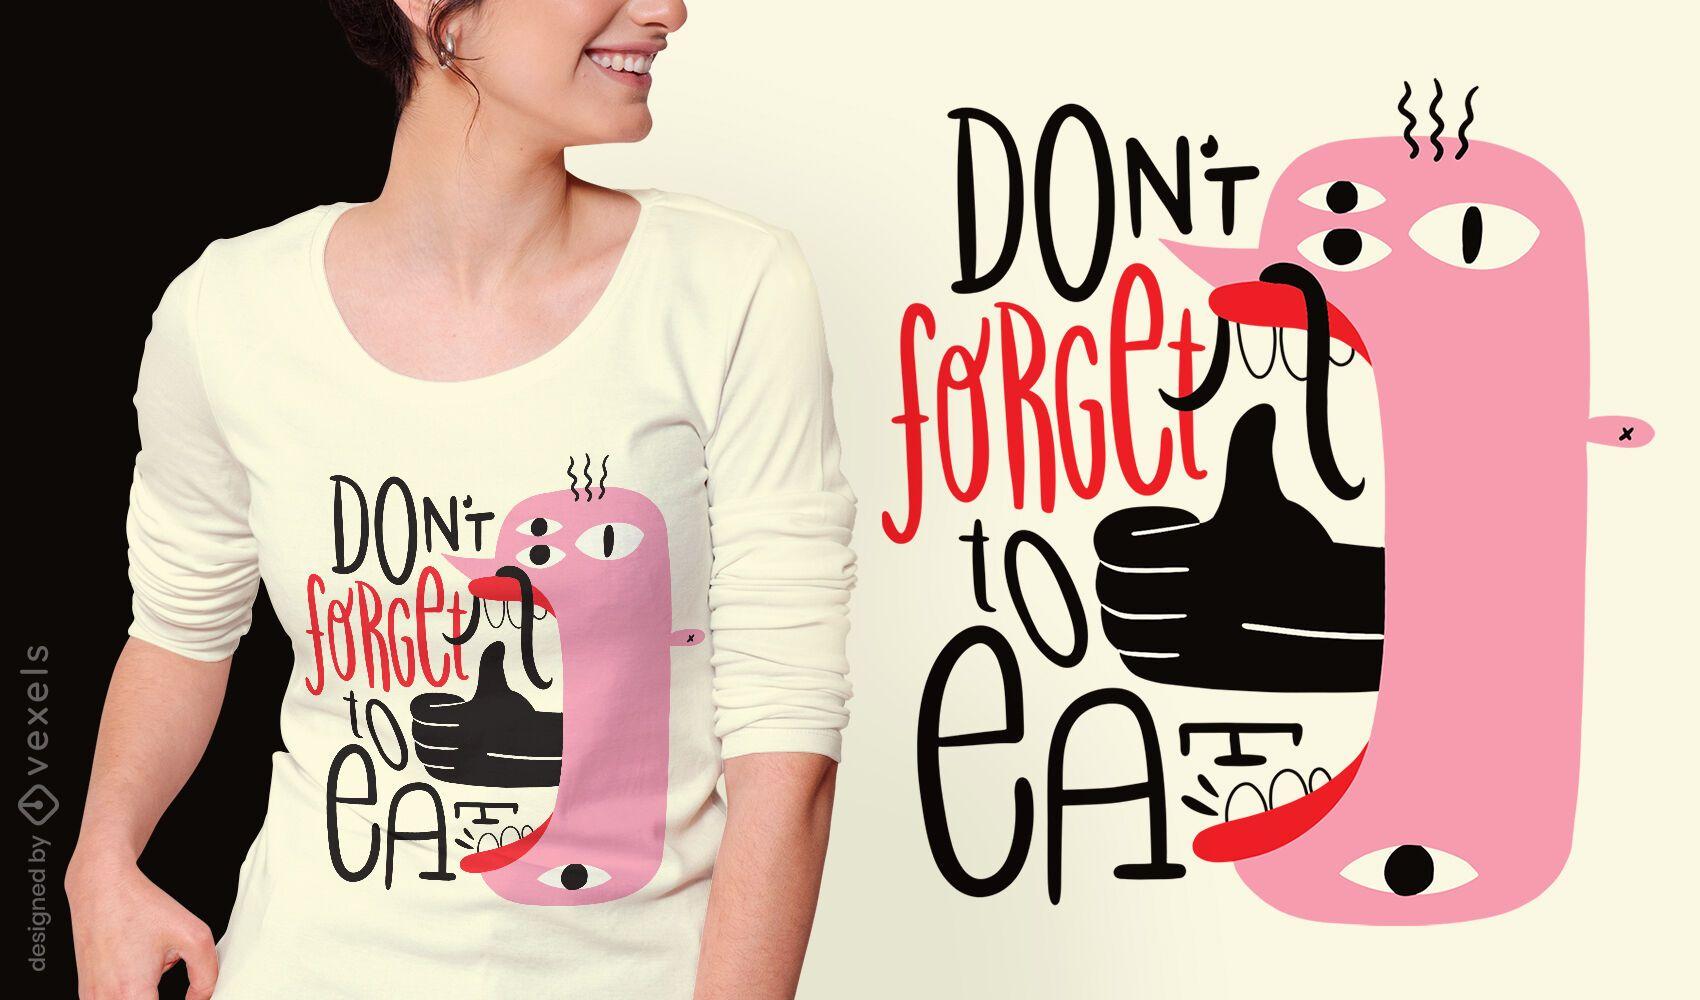 Diseño de camiseta con mensaje positivo de criatura.